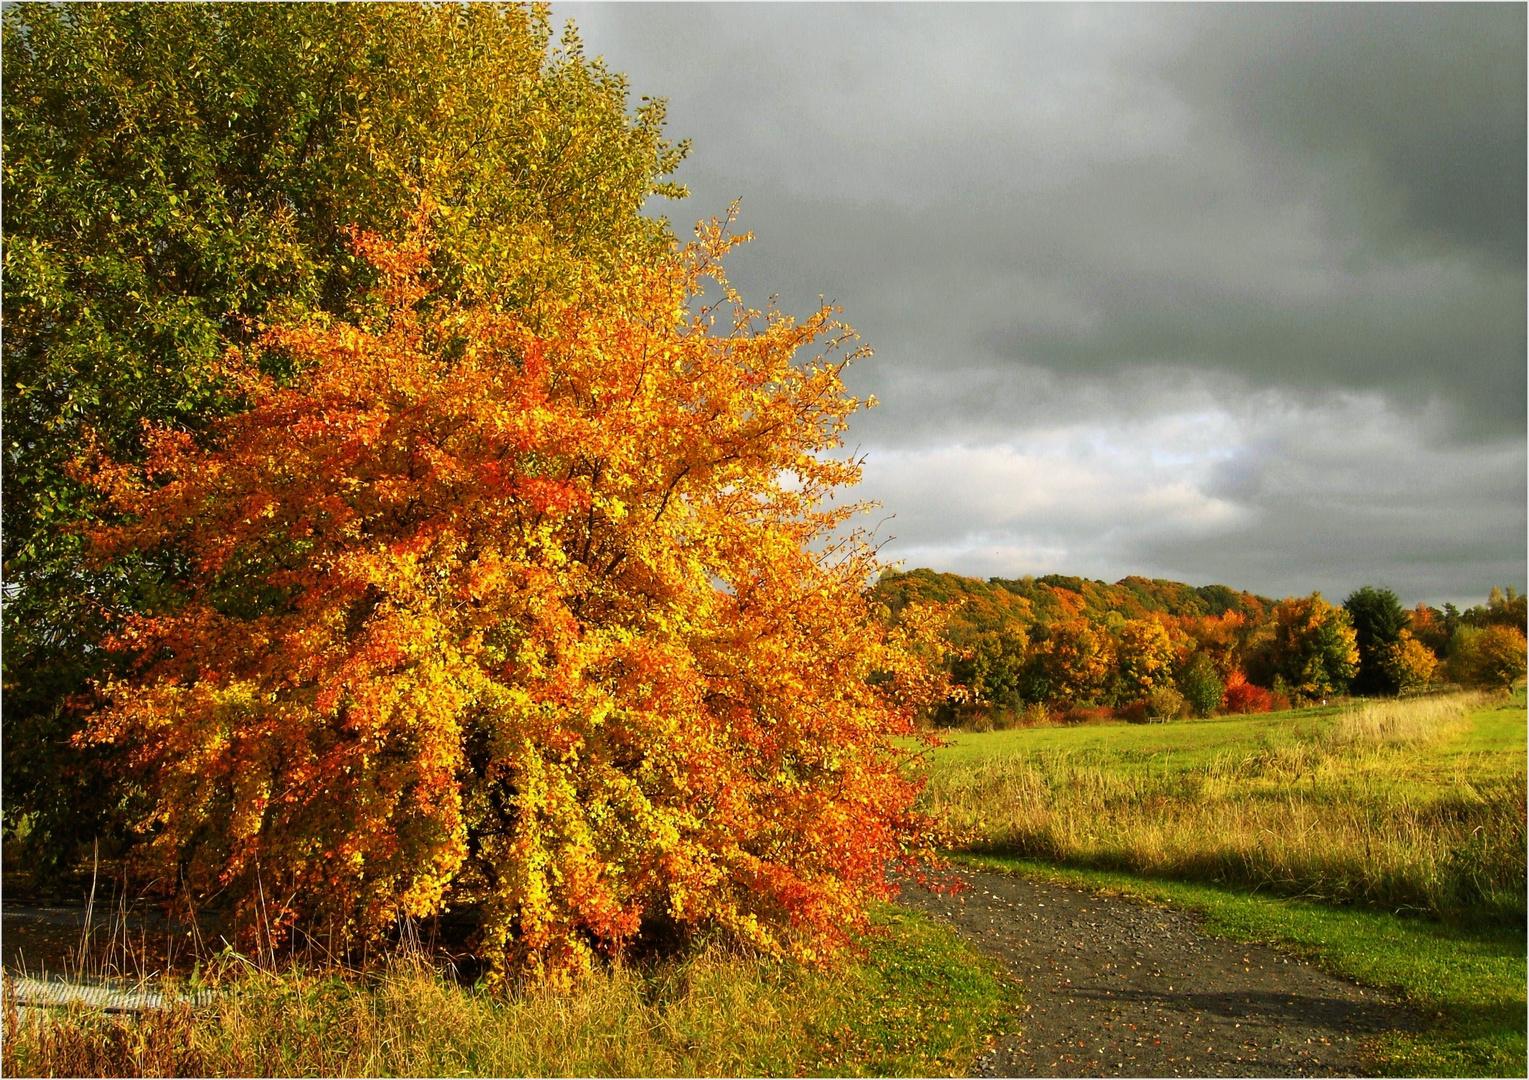 Herbstlich ...